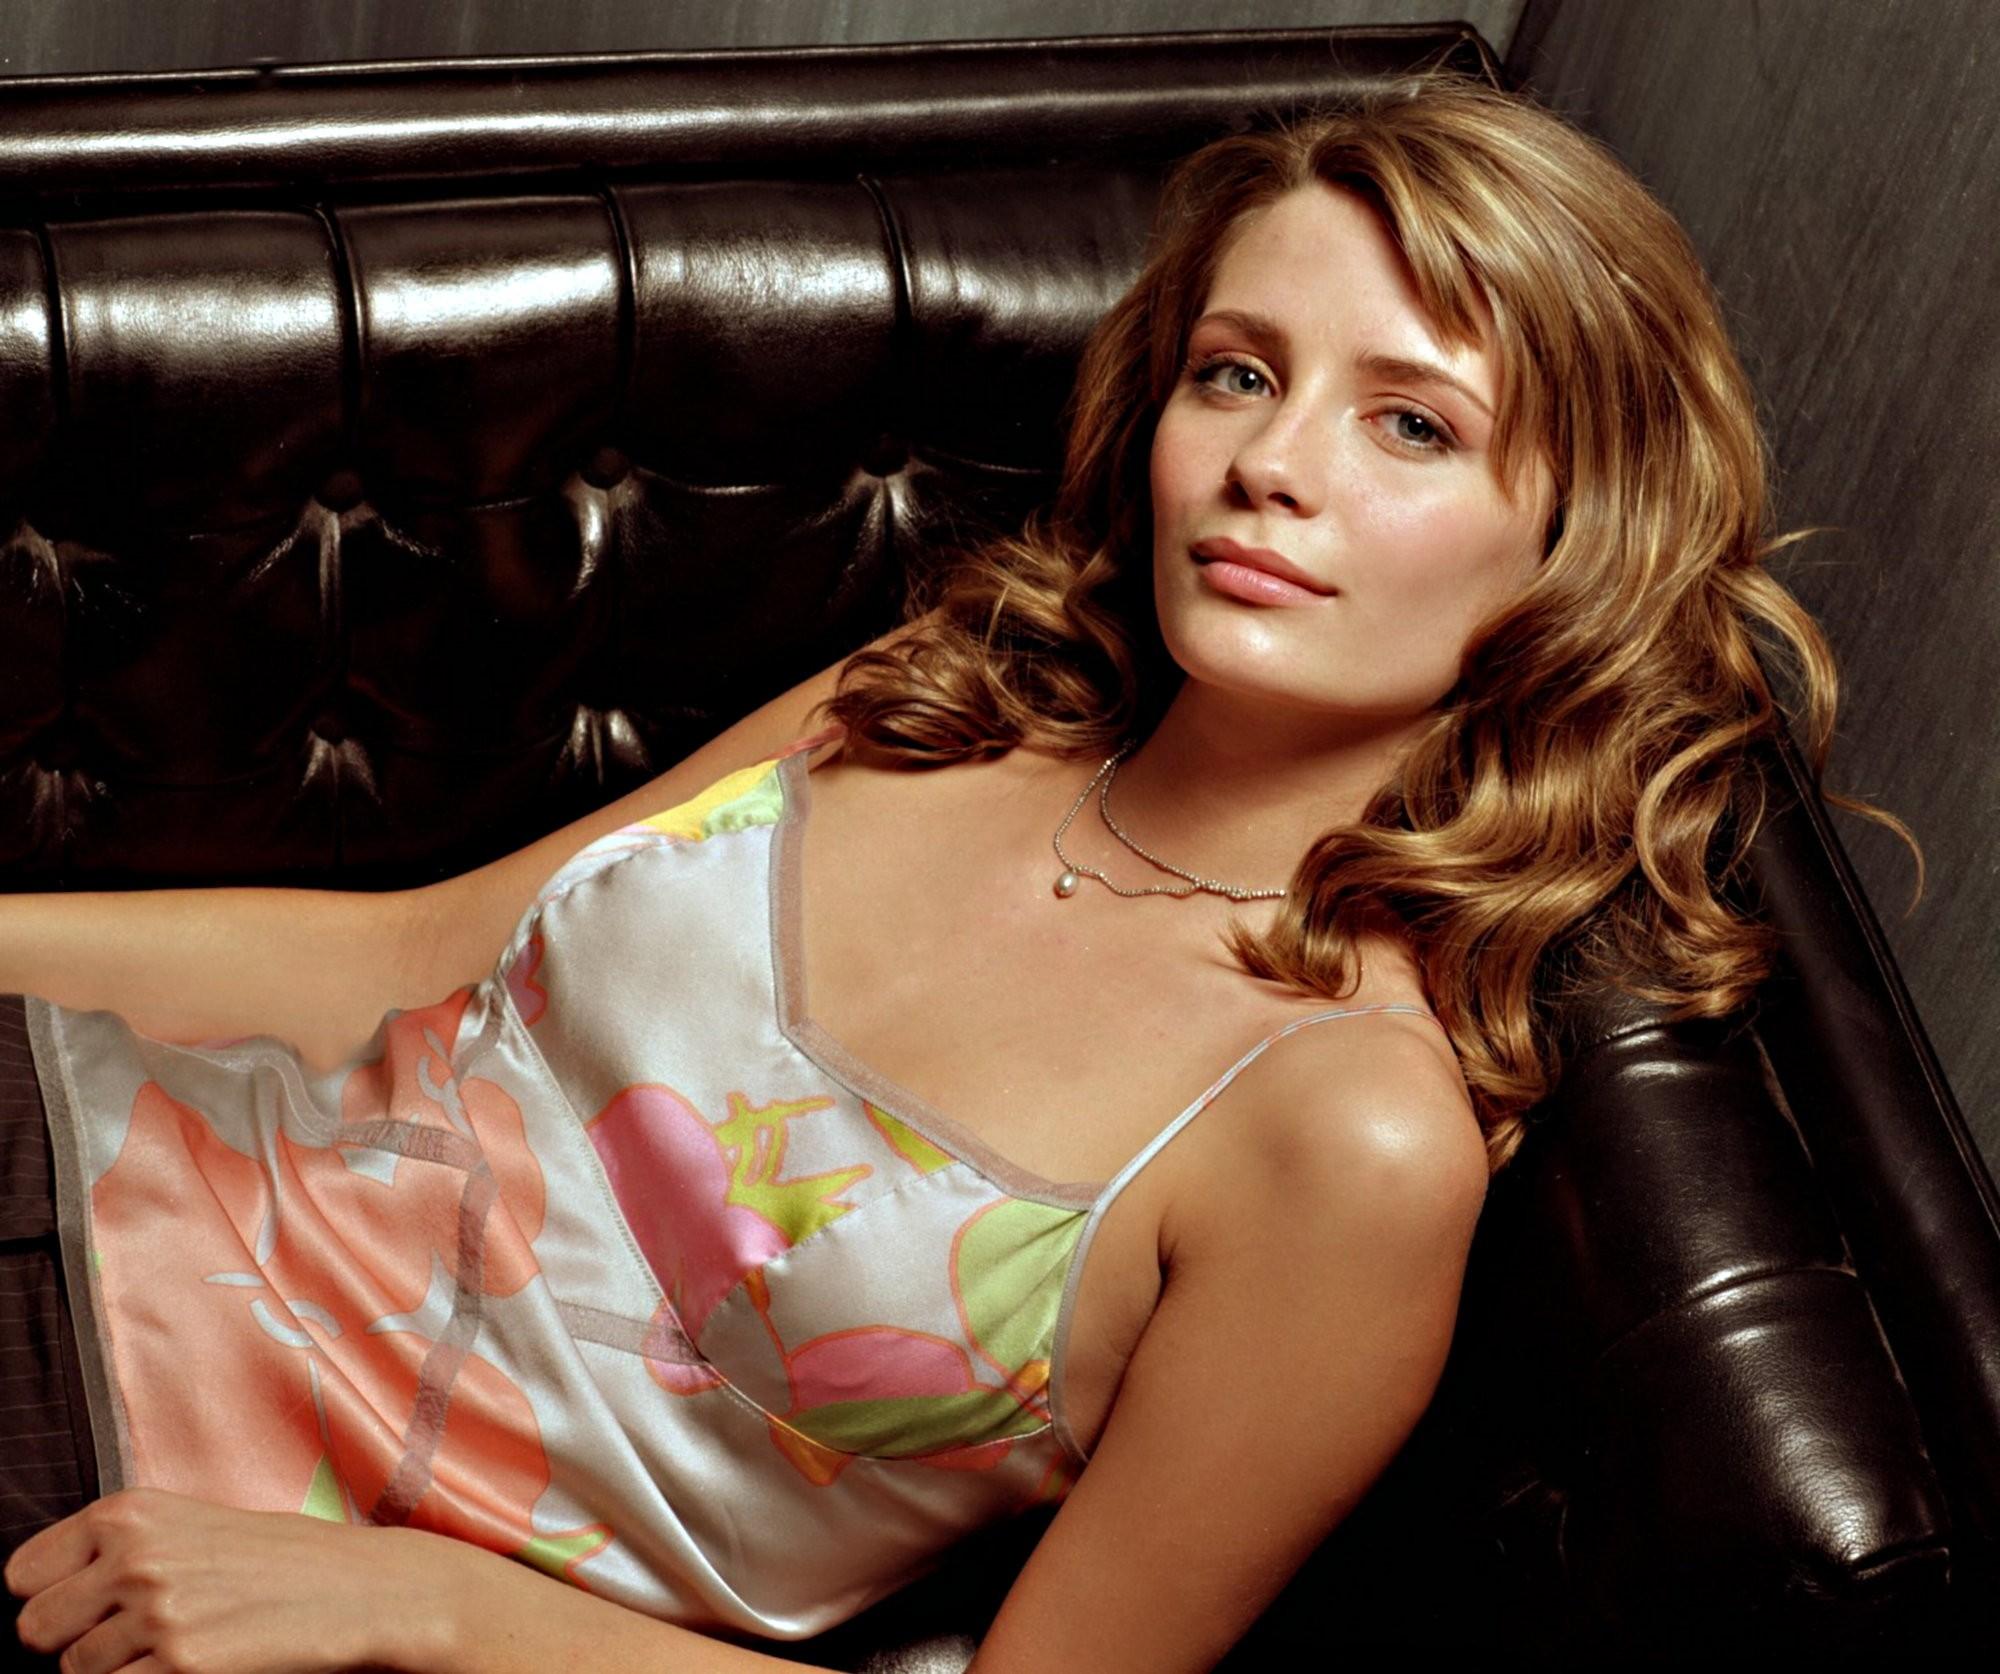 Un wallpaper con Mischa Barton protagonista per la serie The O.C.